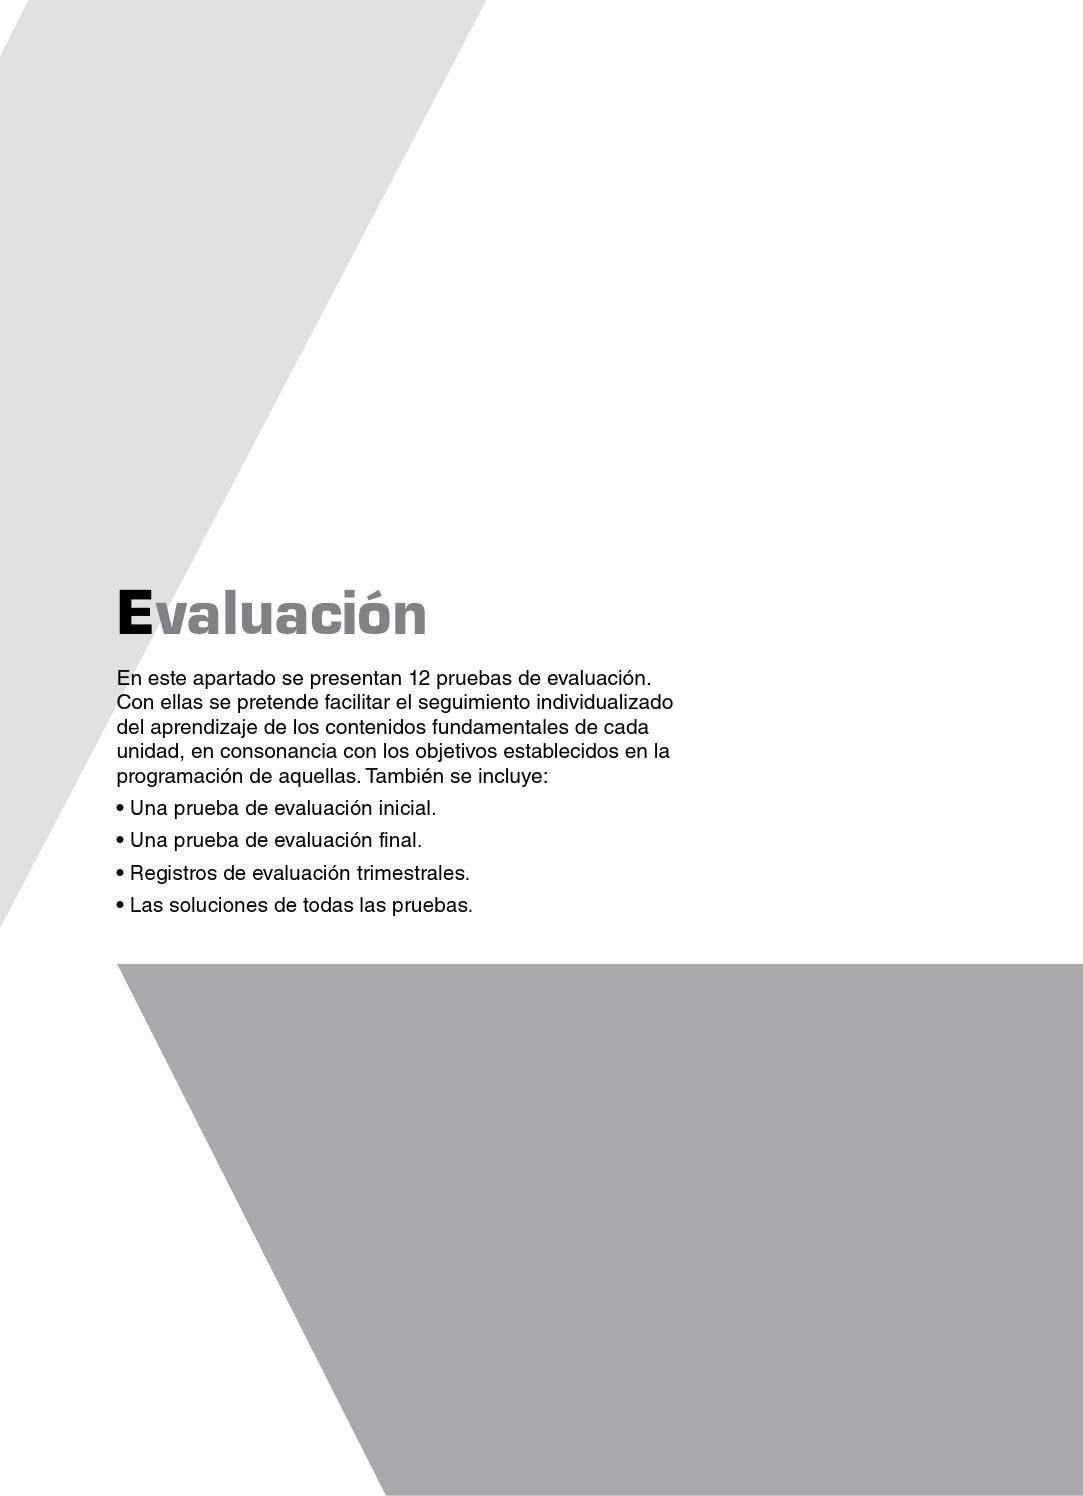 Evaluacion by vange - issuu